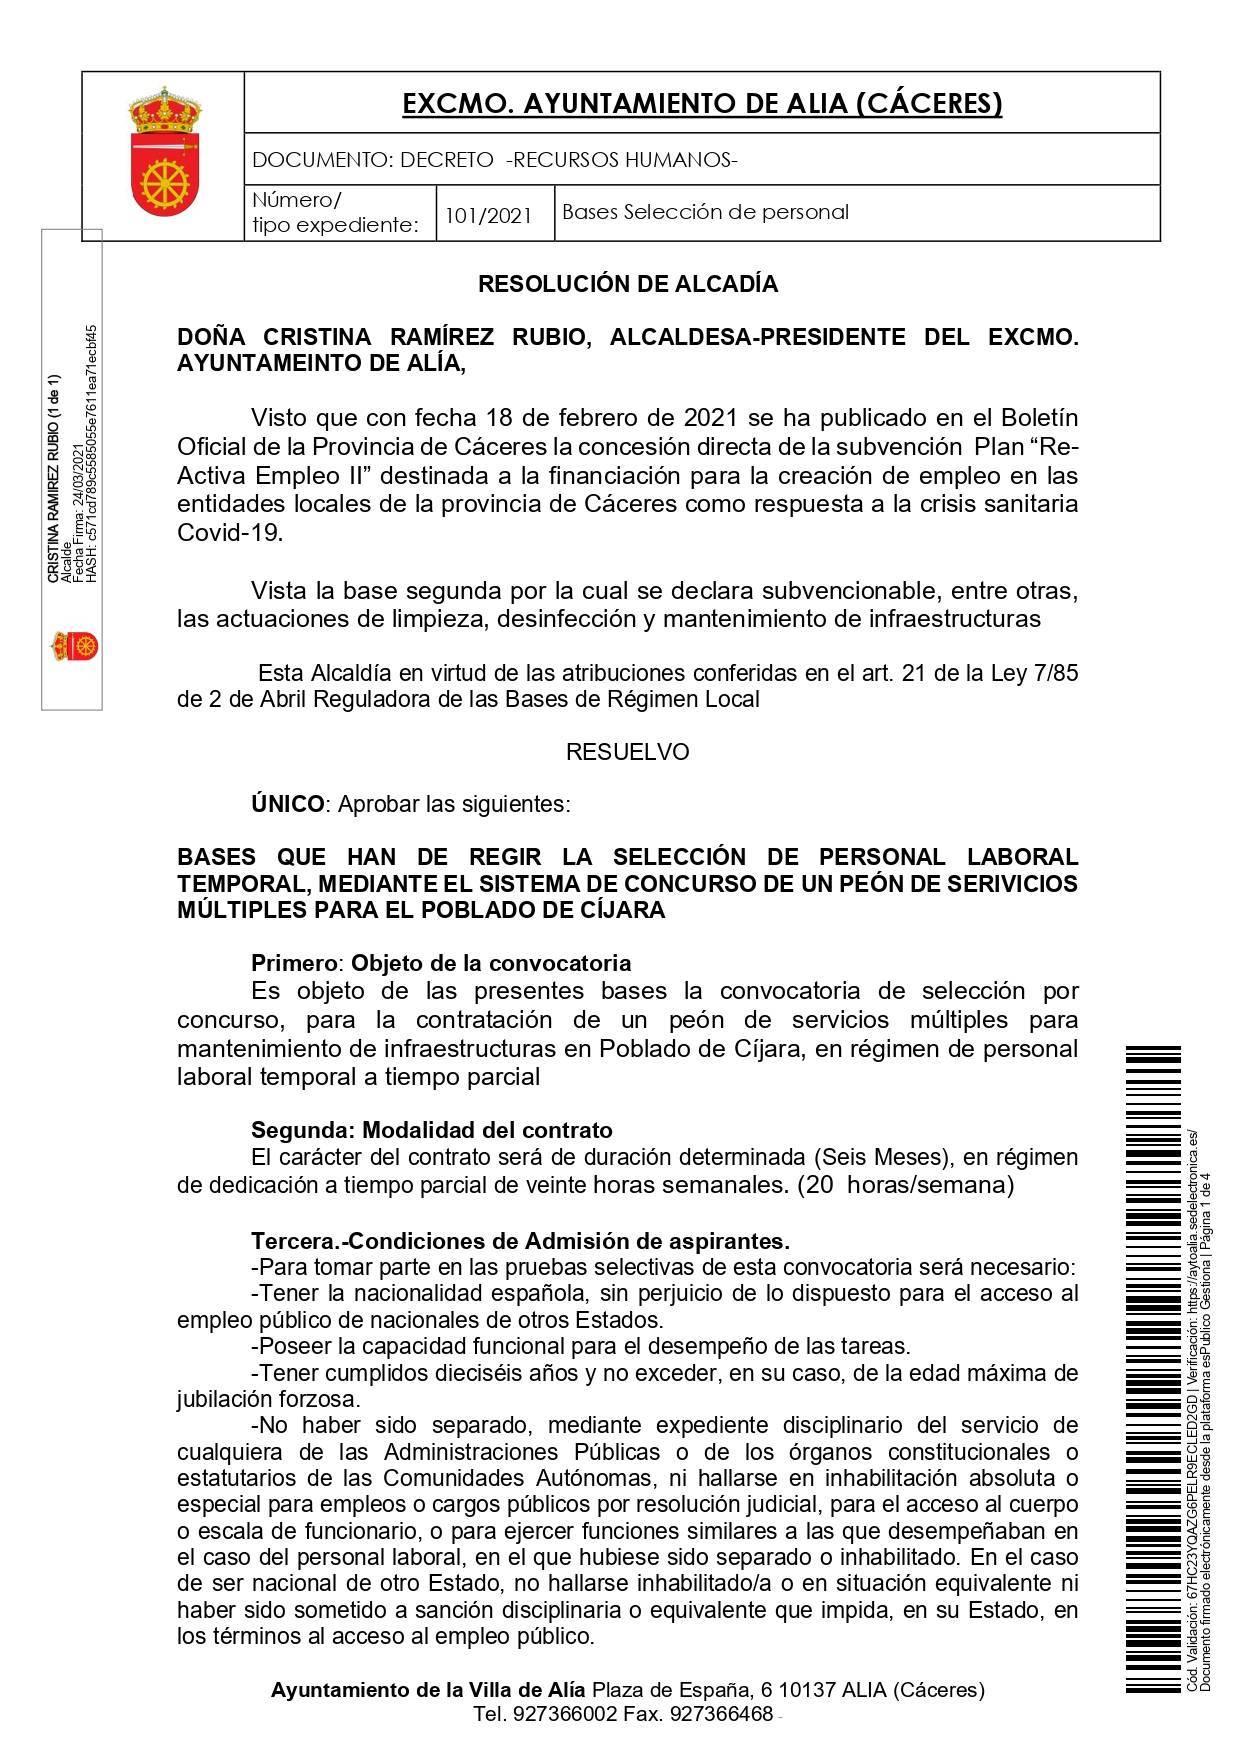 Peón de servicios múltiples (2021) - Poblado de Cíjara (Cáceres) 1